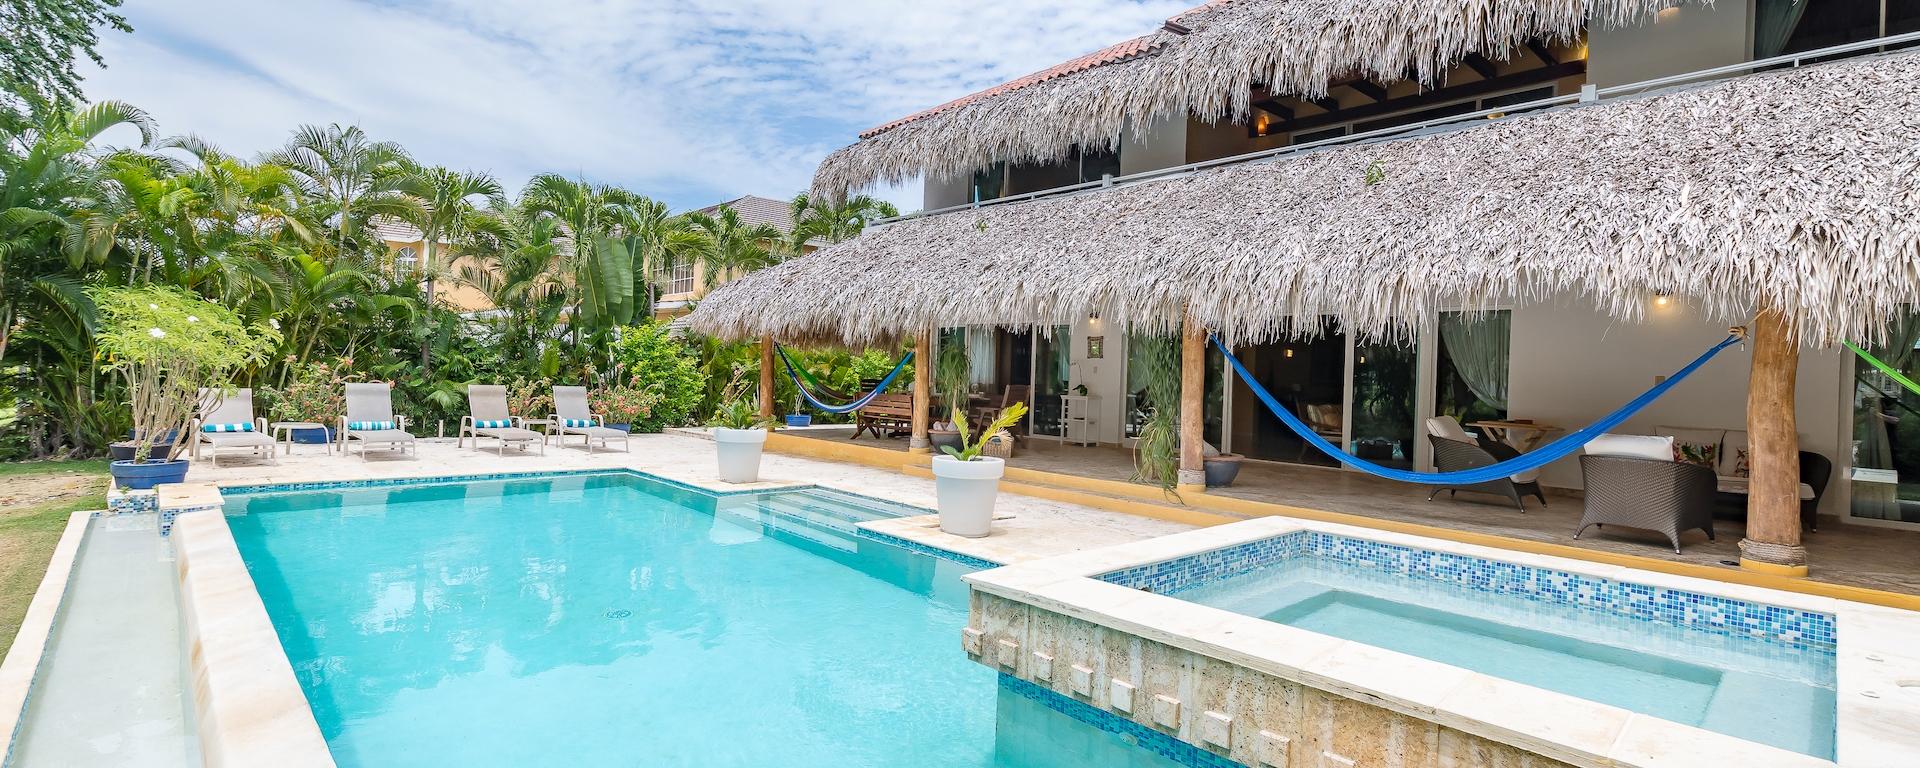 VILLA LOS ENSUEÑOS PUNTA CANA DOMINICAN REPUBLIC